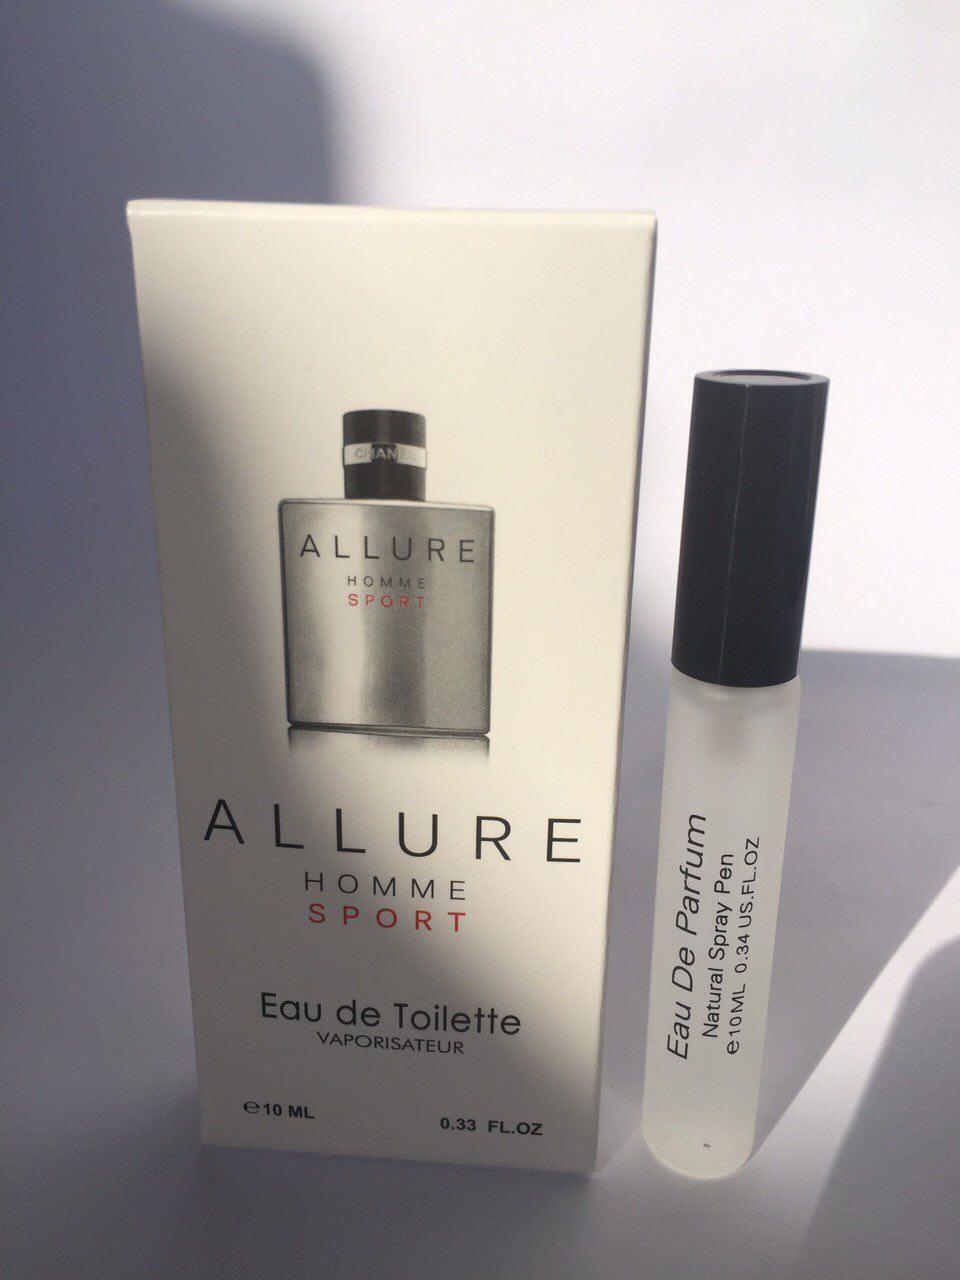 Мужской мини парфюм с феромонами Chanel Allure homme Sport (Шанель Аллюр Хом Спорт) 10 мл